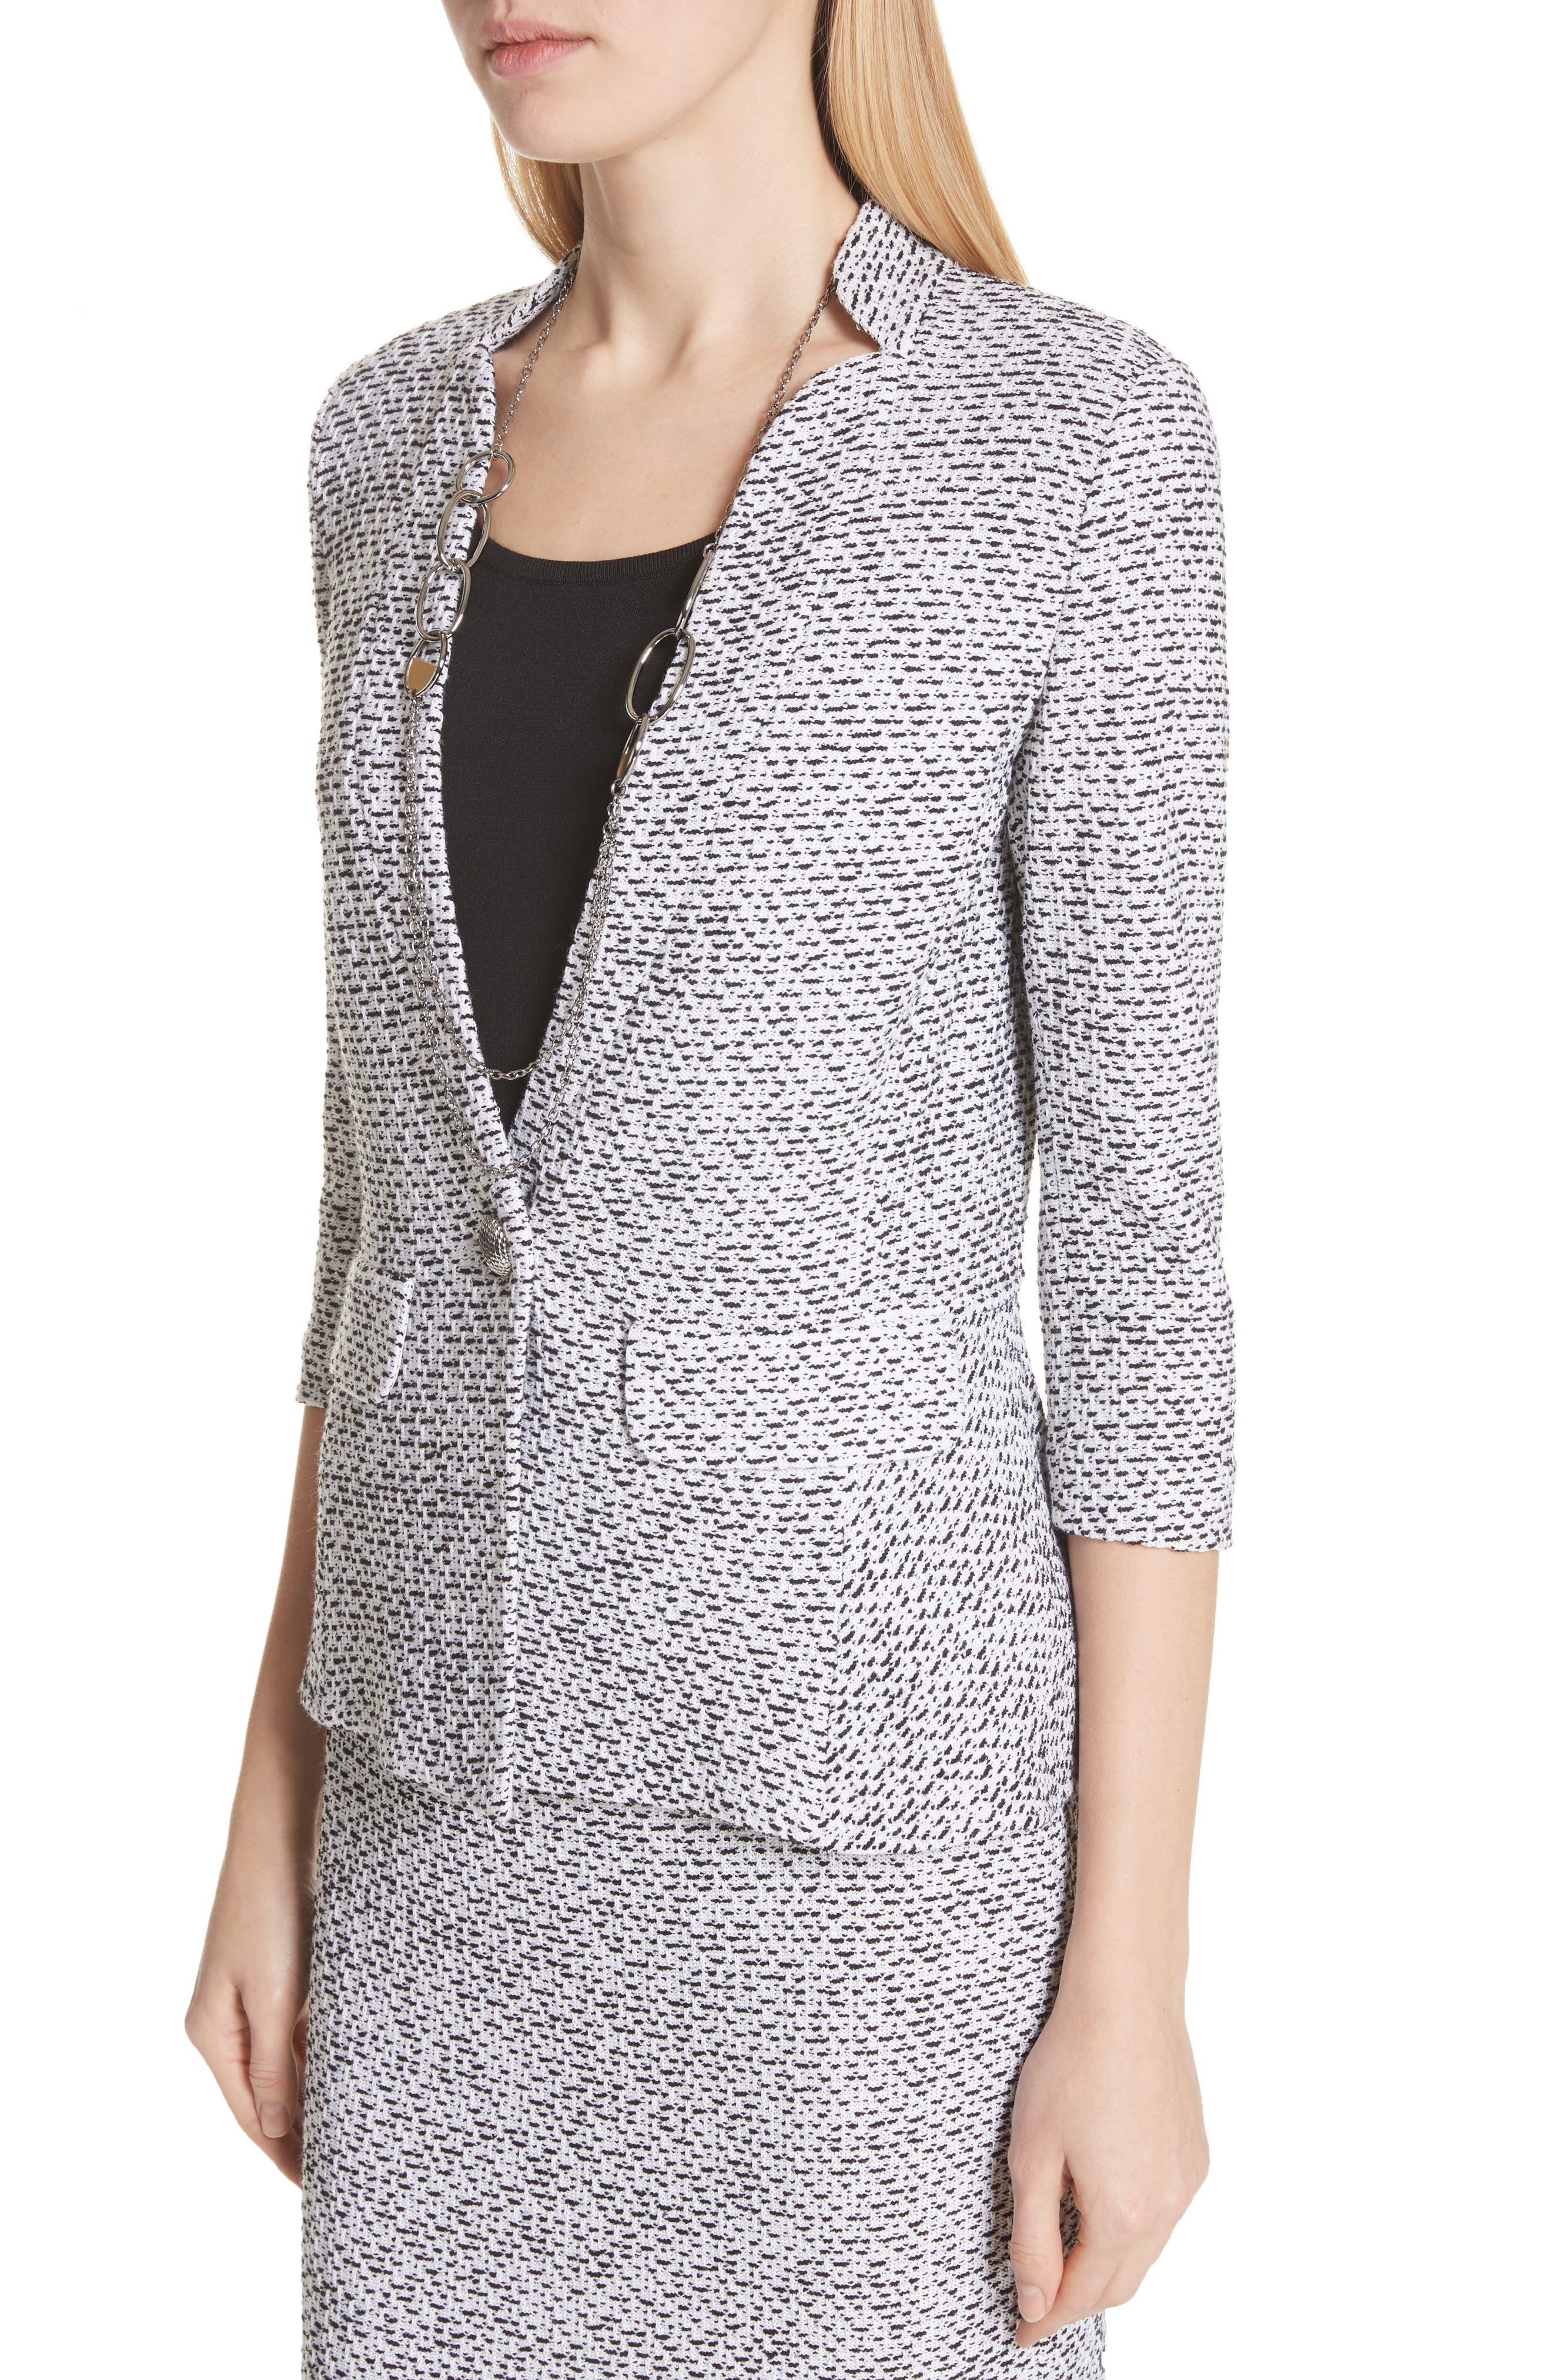 Olivia Bouclé Knit Jacket,                             Alternate thumbnail 4, color,                             WHITE/ CAVIAR